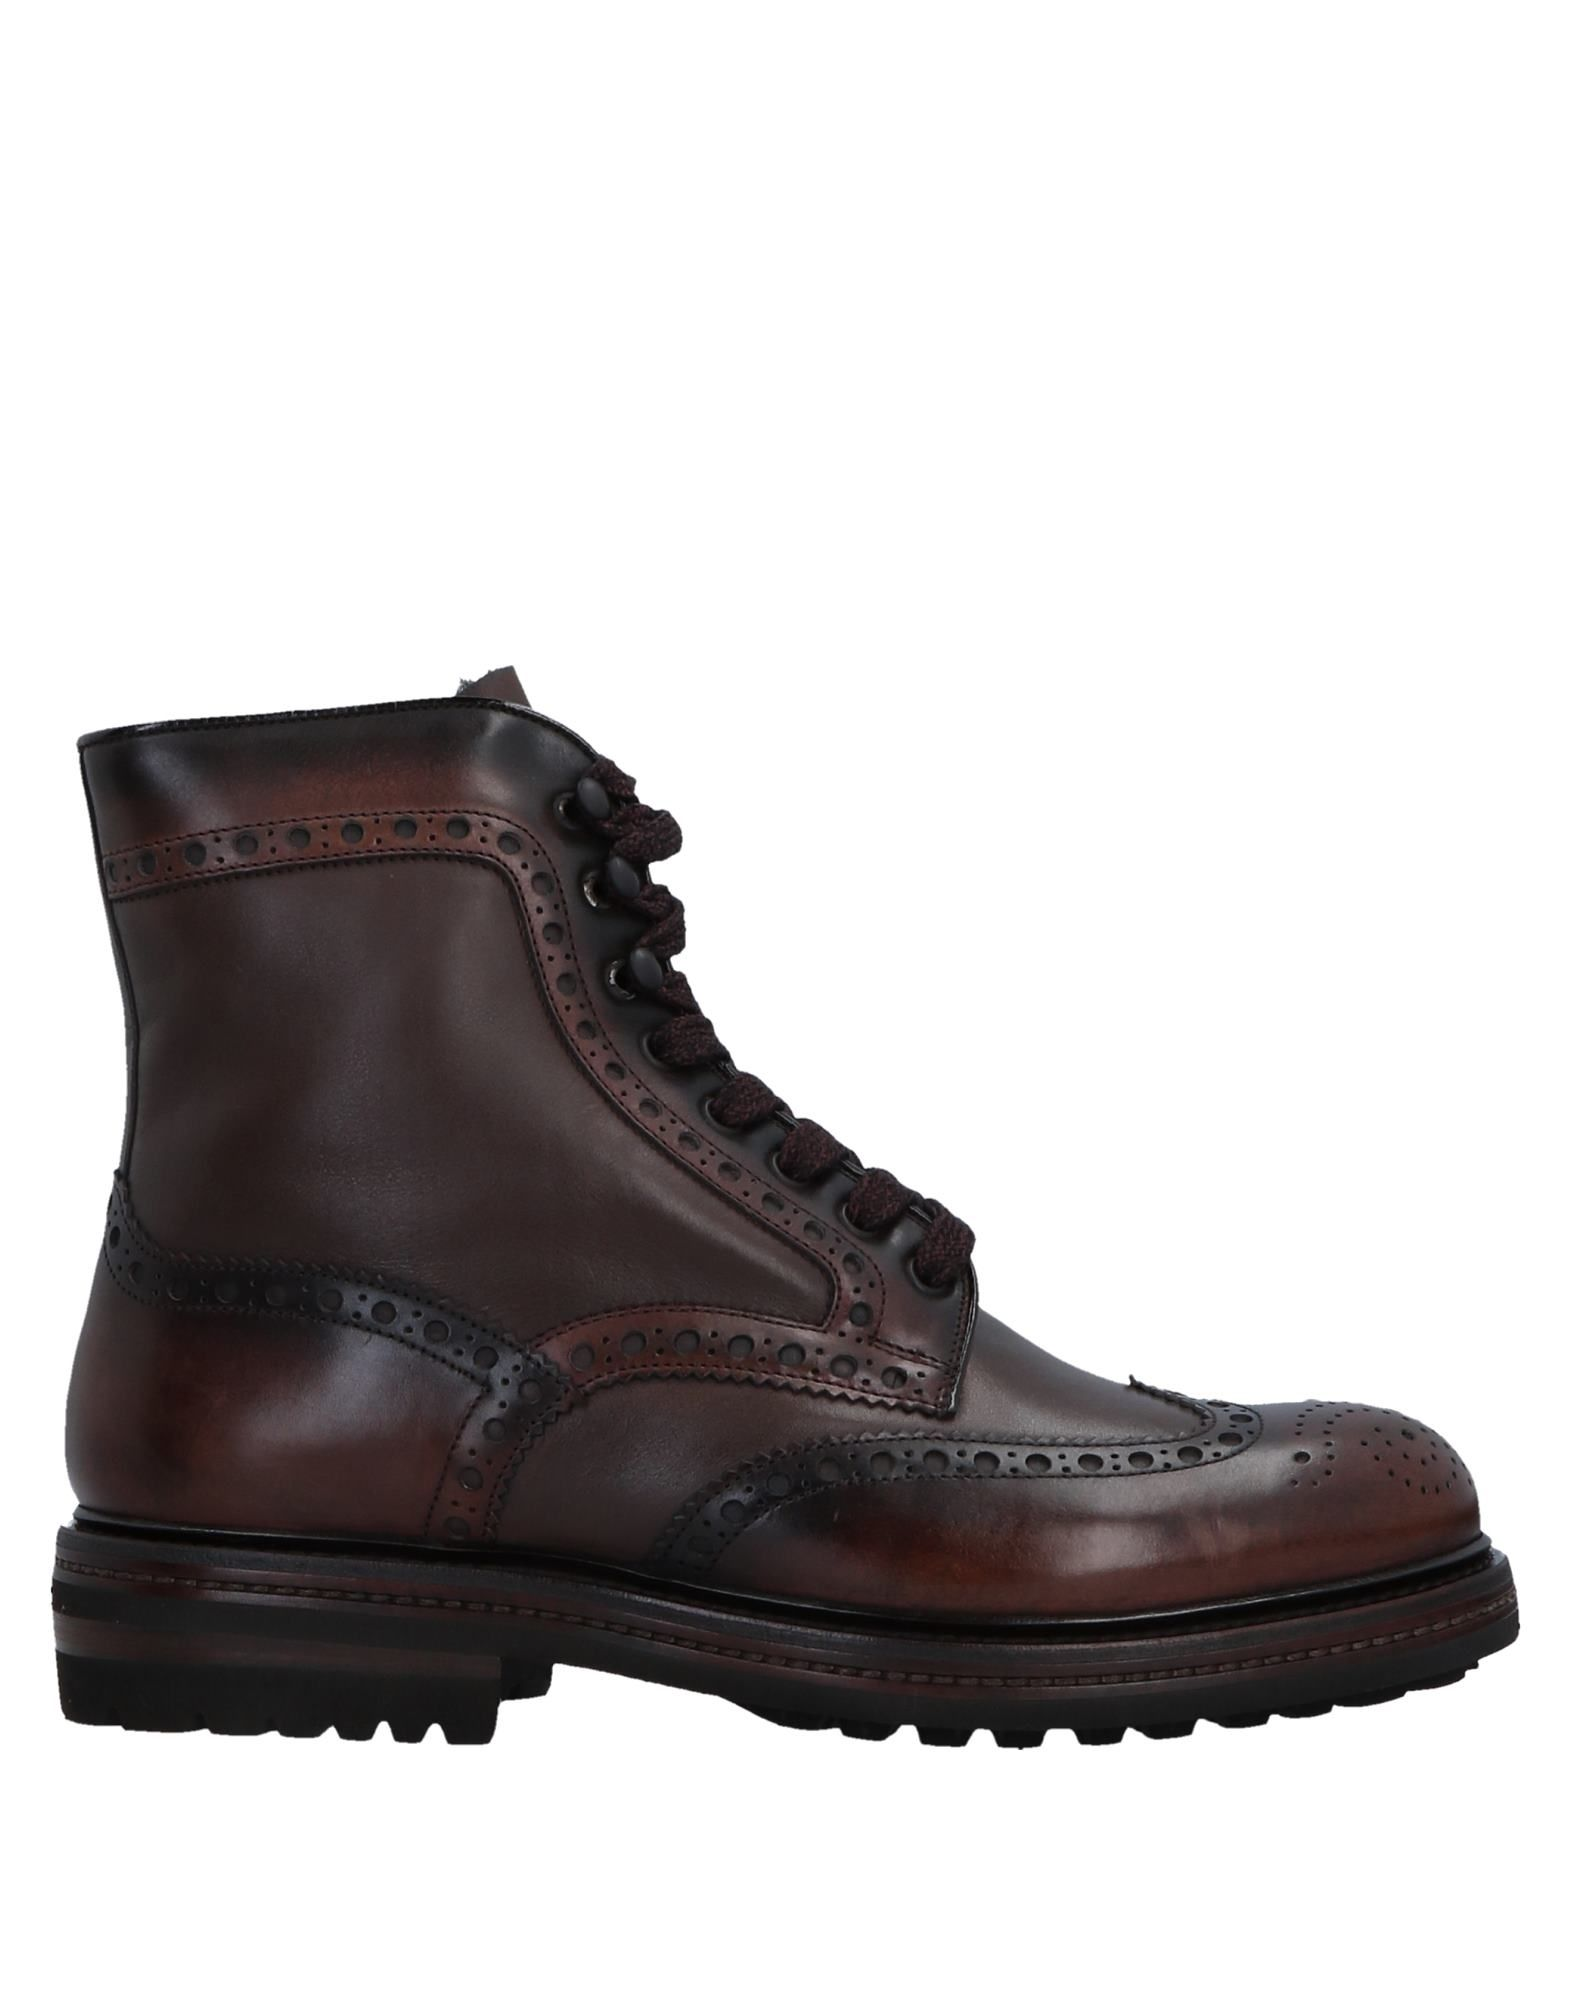 Santoni Stiefelette Qualität Herren  11541286DT Gute Qualität Stiefelette beliebte Schuhe dec4a0